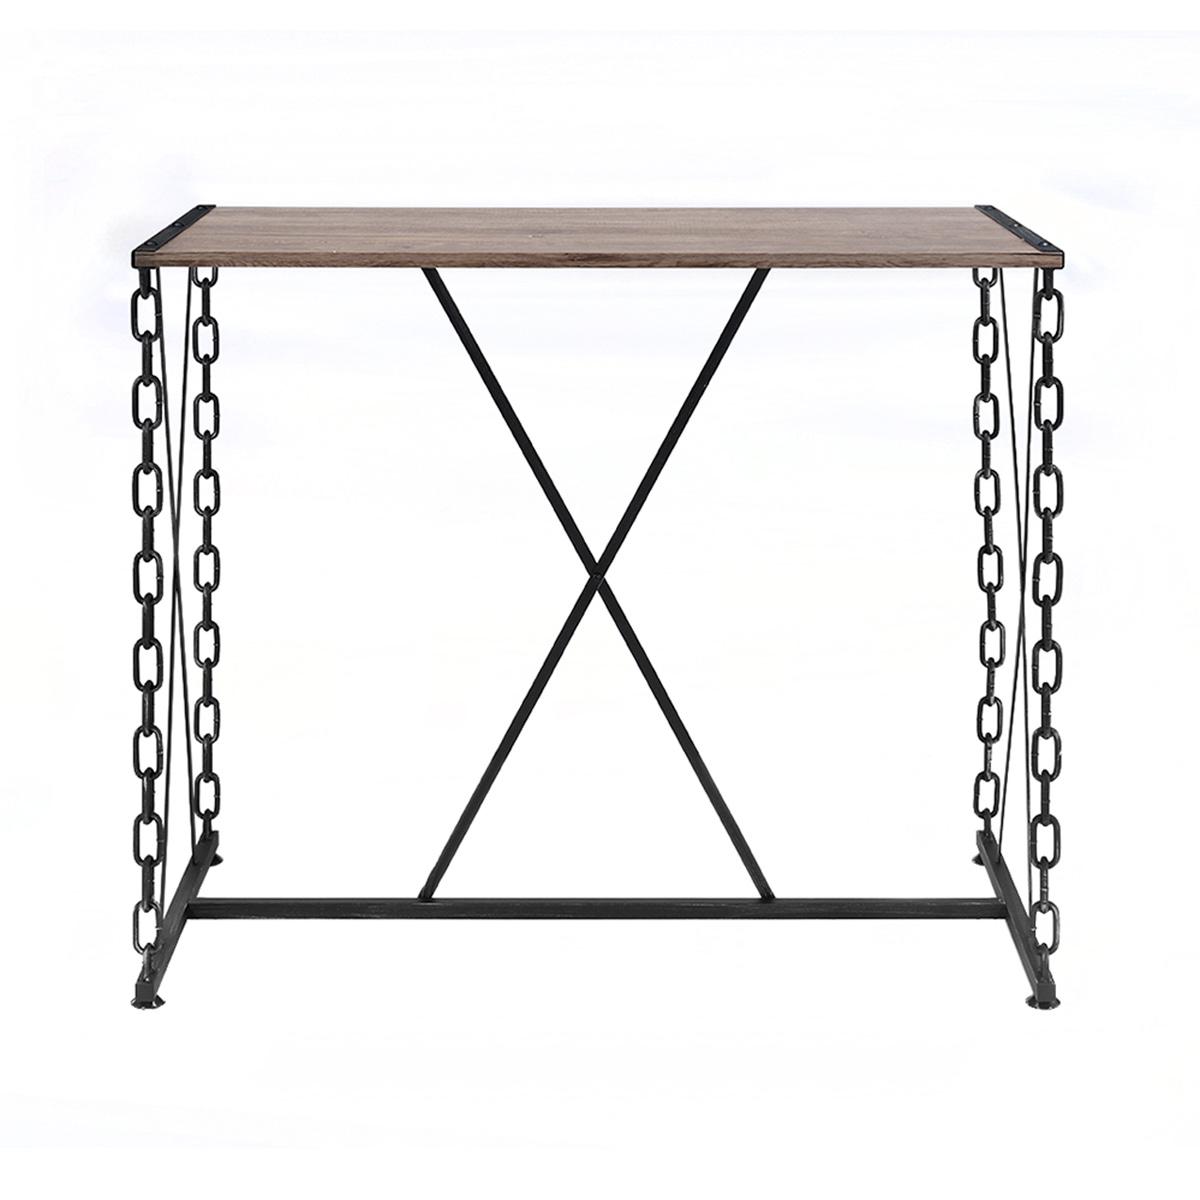 Acme Jodie Bar Table - Rustic Oak/Antique Black